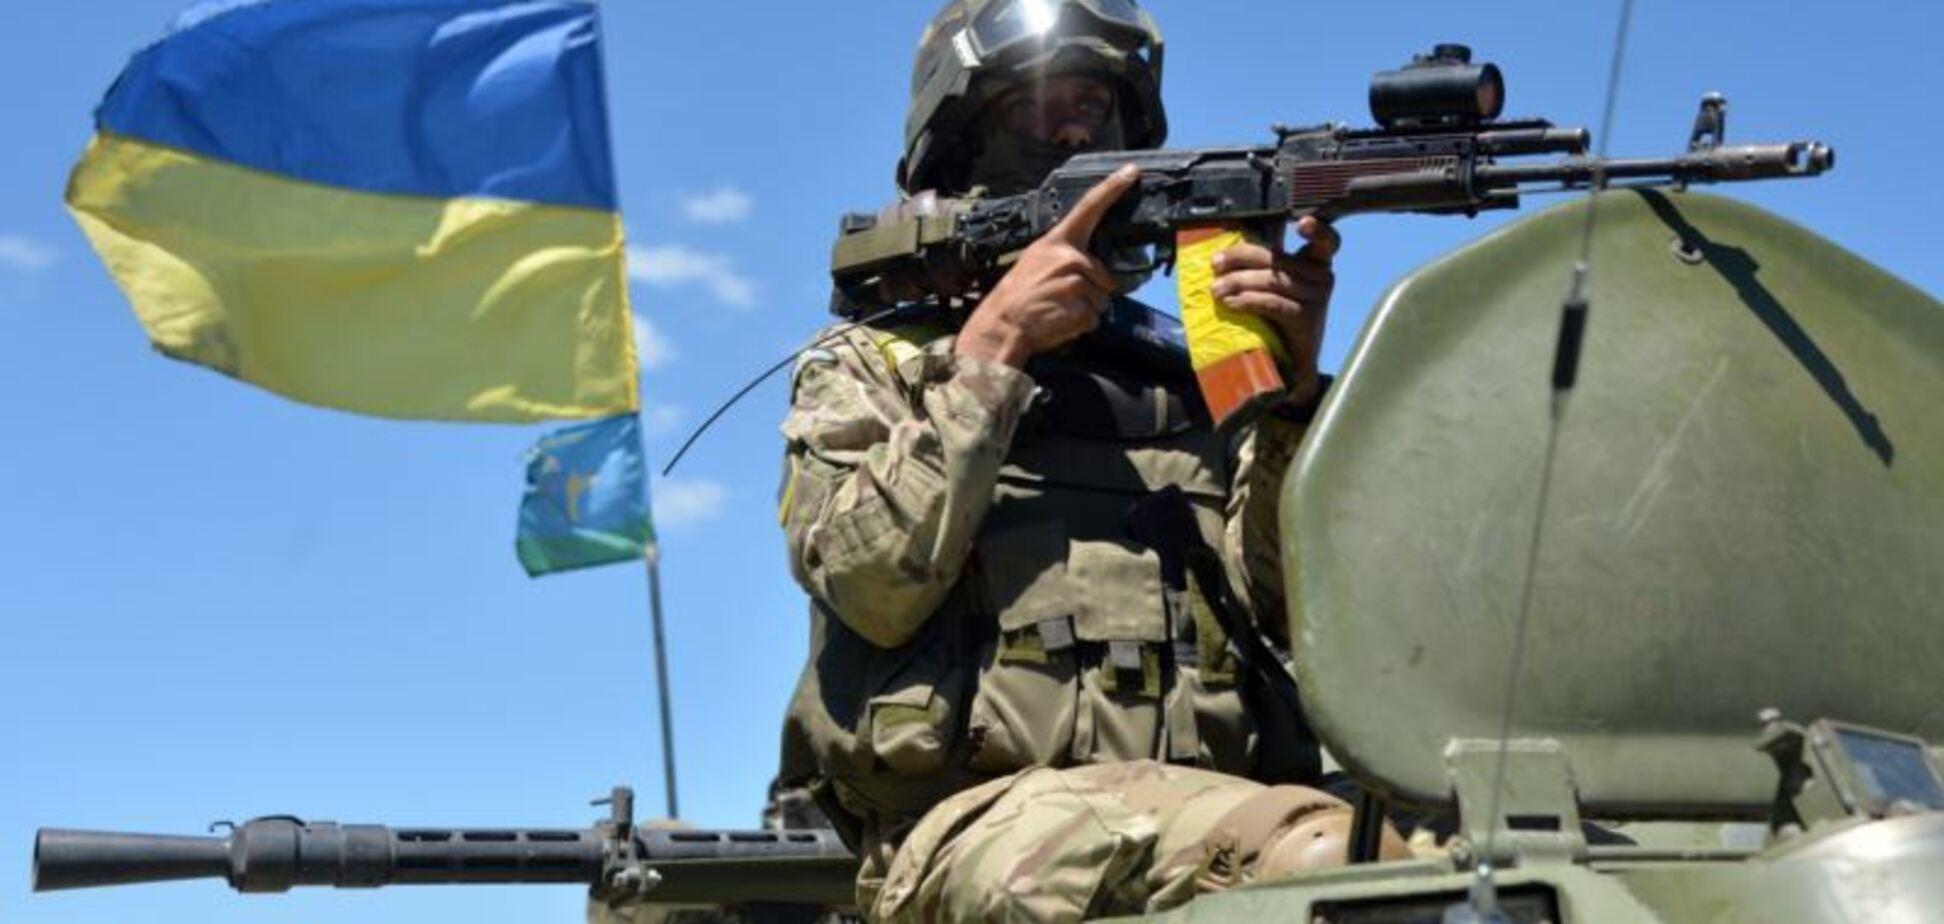 Украина может быстро освободить Донбасс, но есть условие - офицер ВСУ